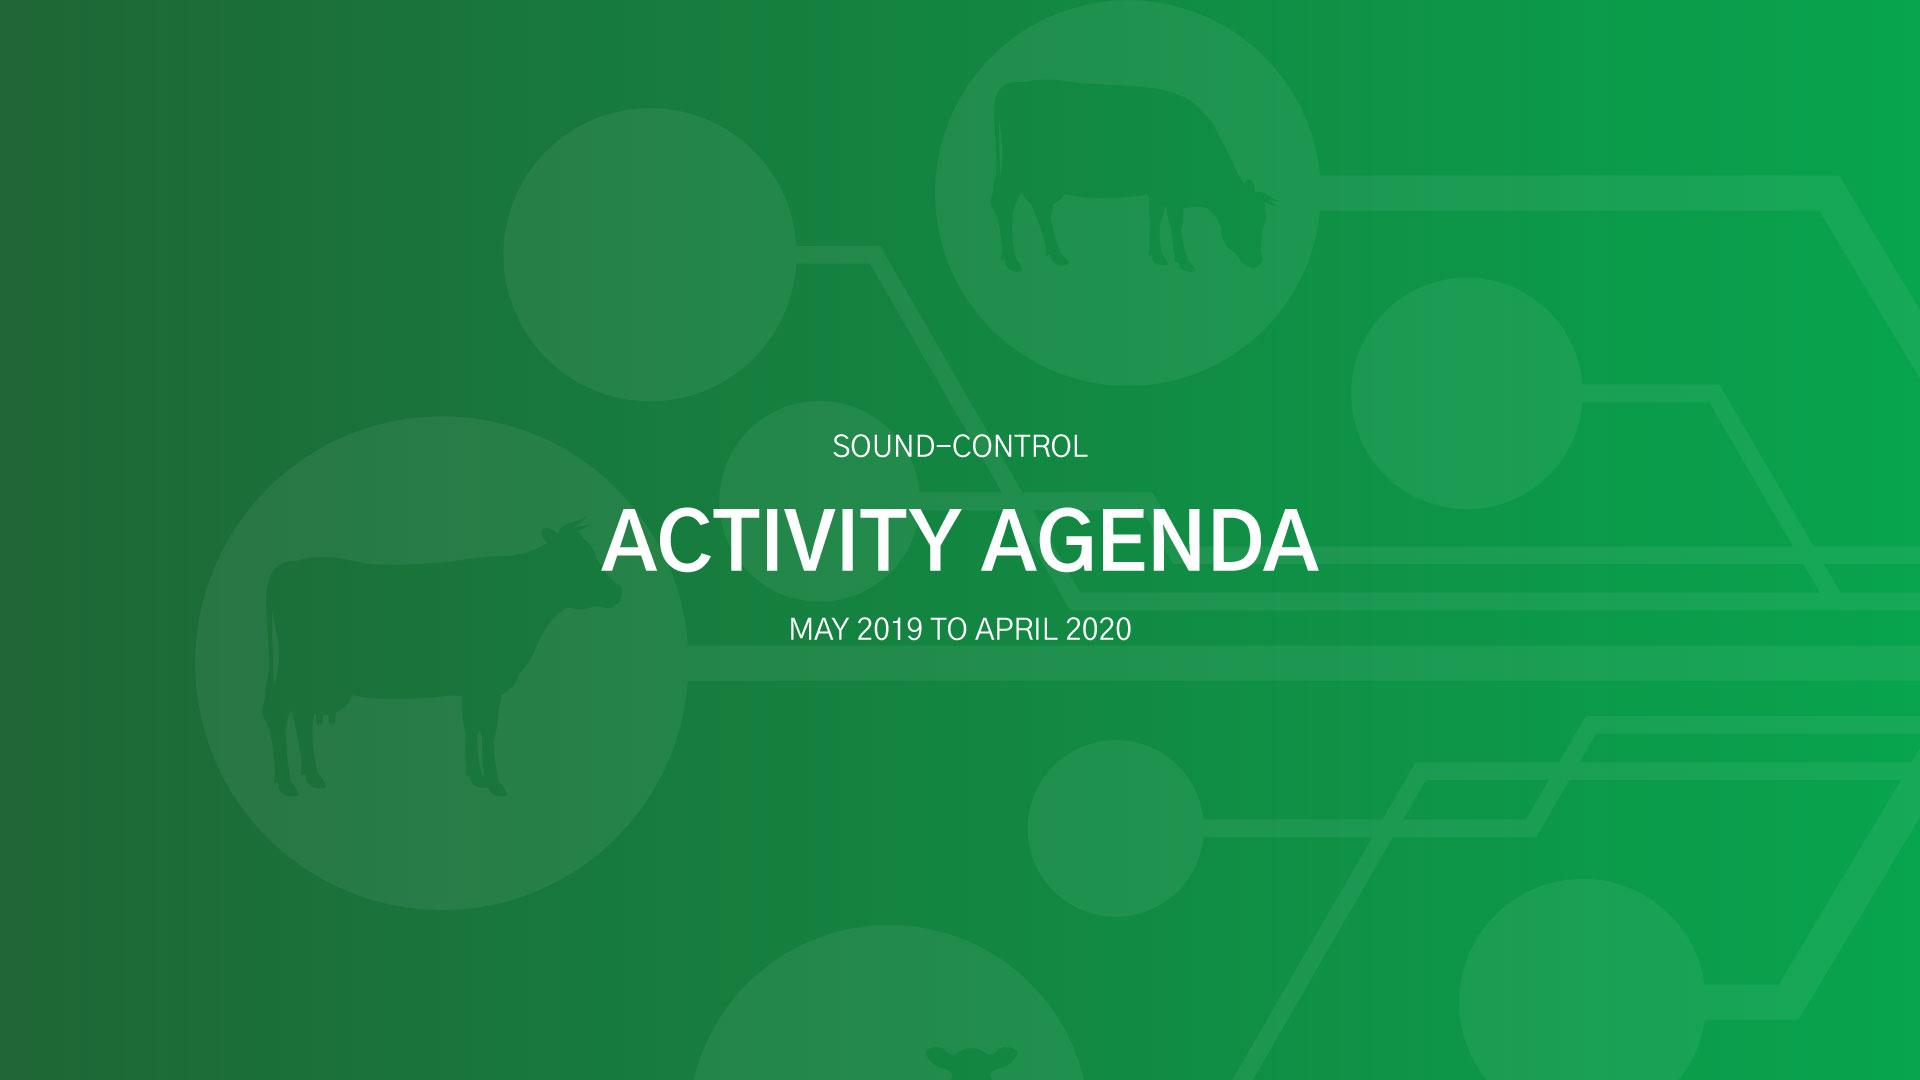 Activity Agenda 5